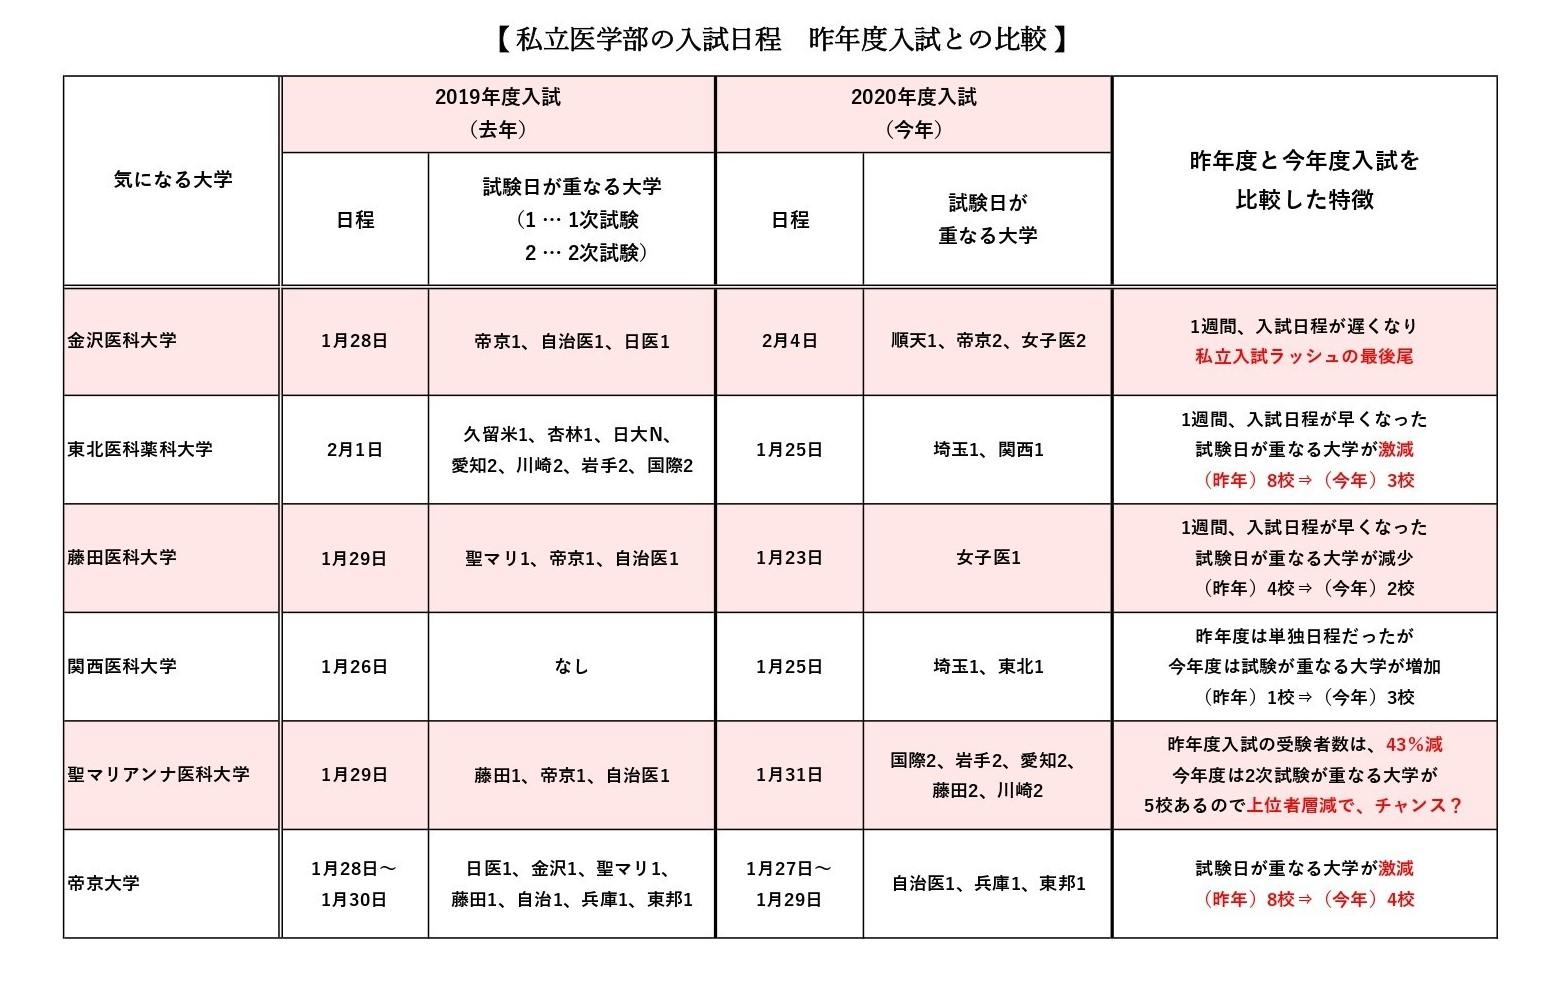 日程 私立 医学部 私立大学医学部 入学試験の日程について